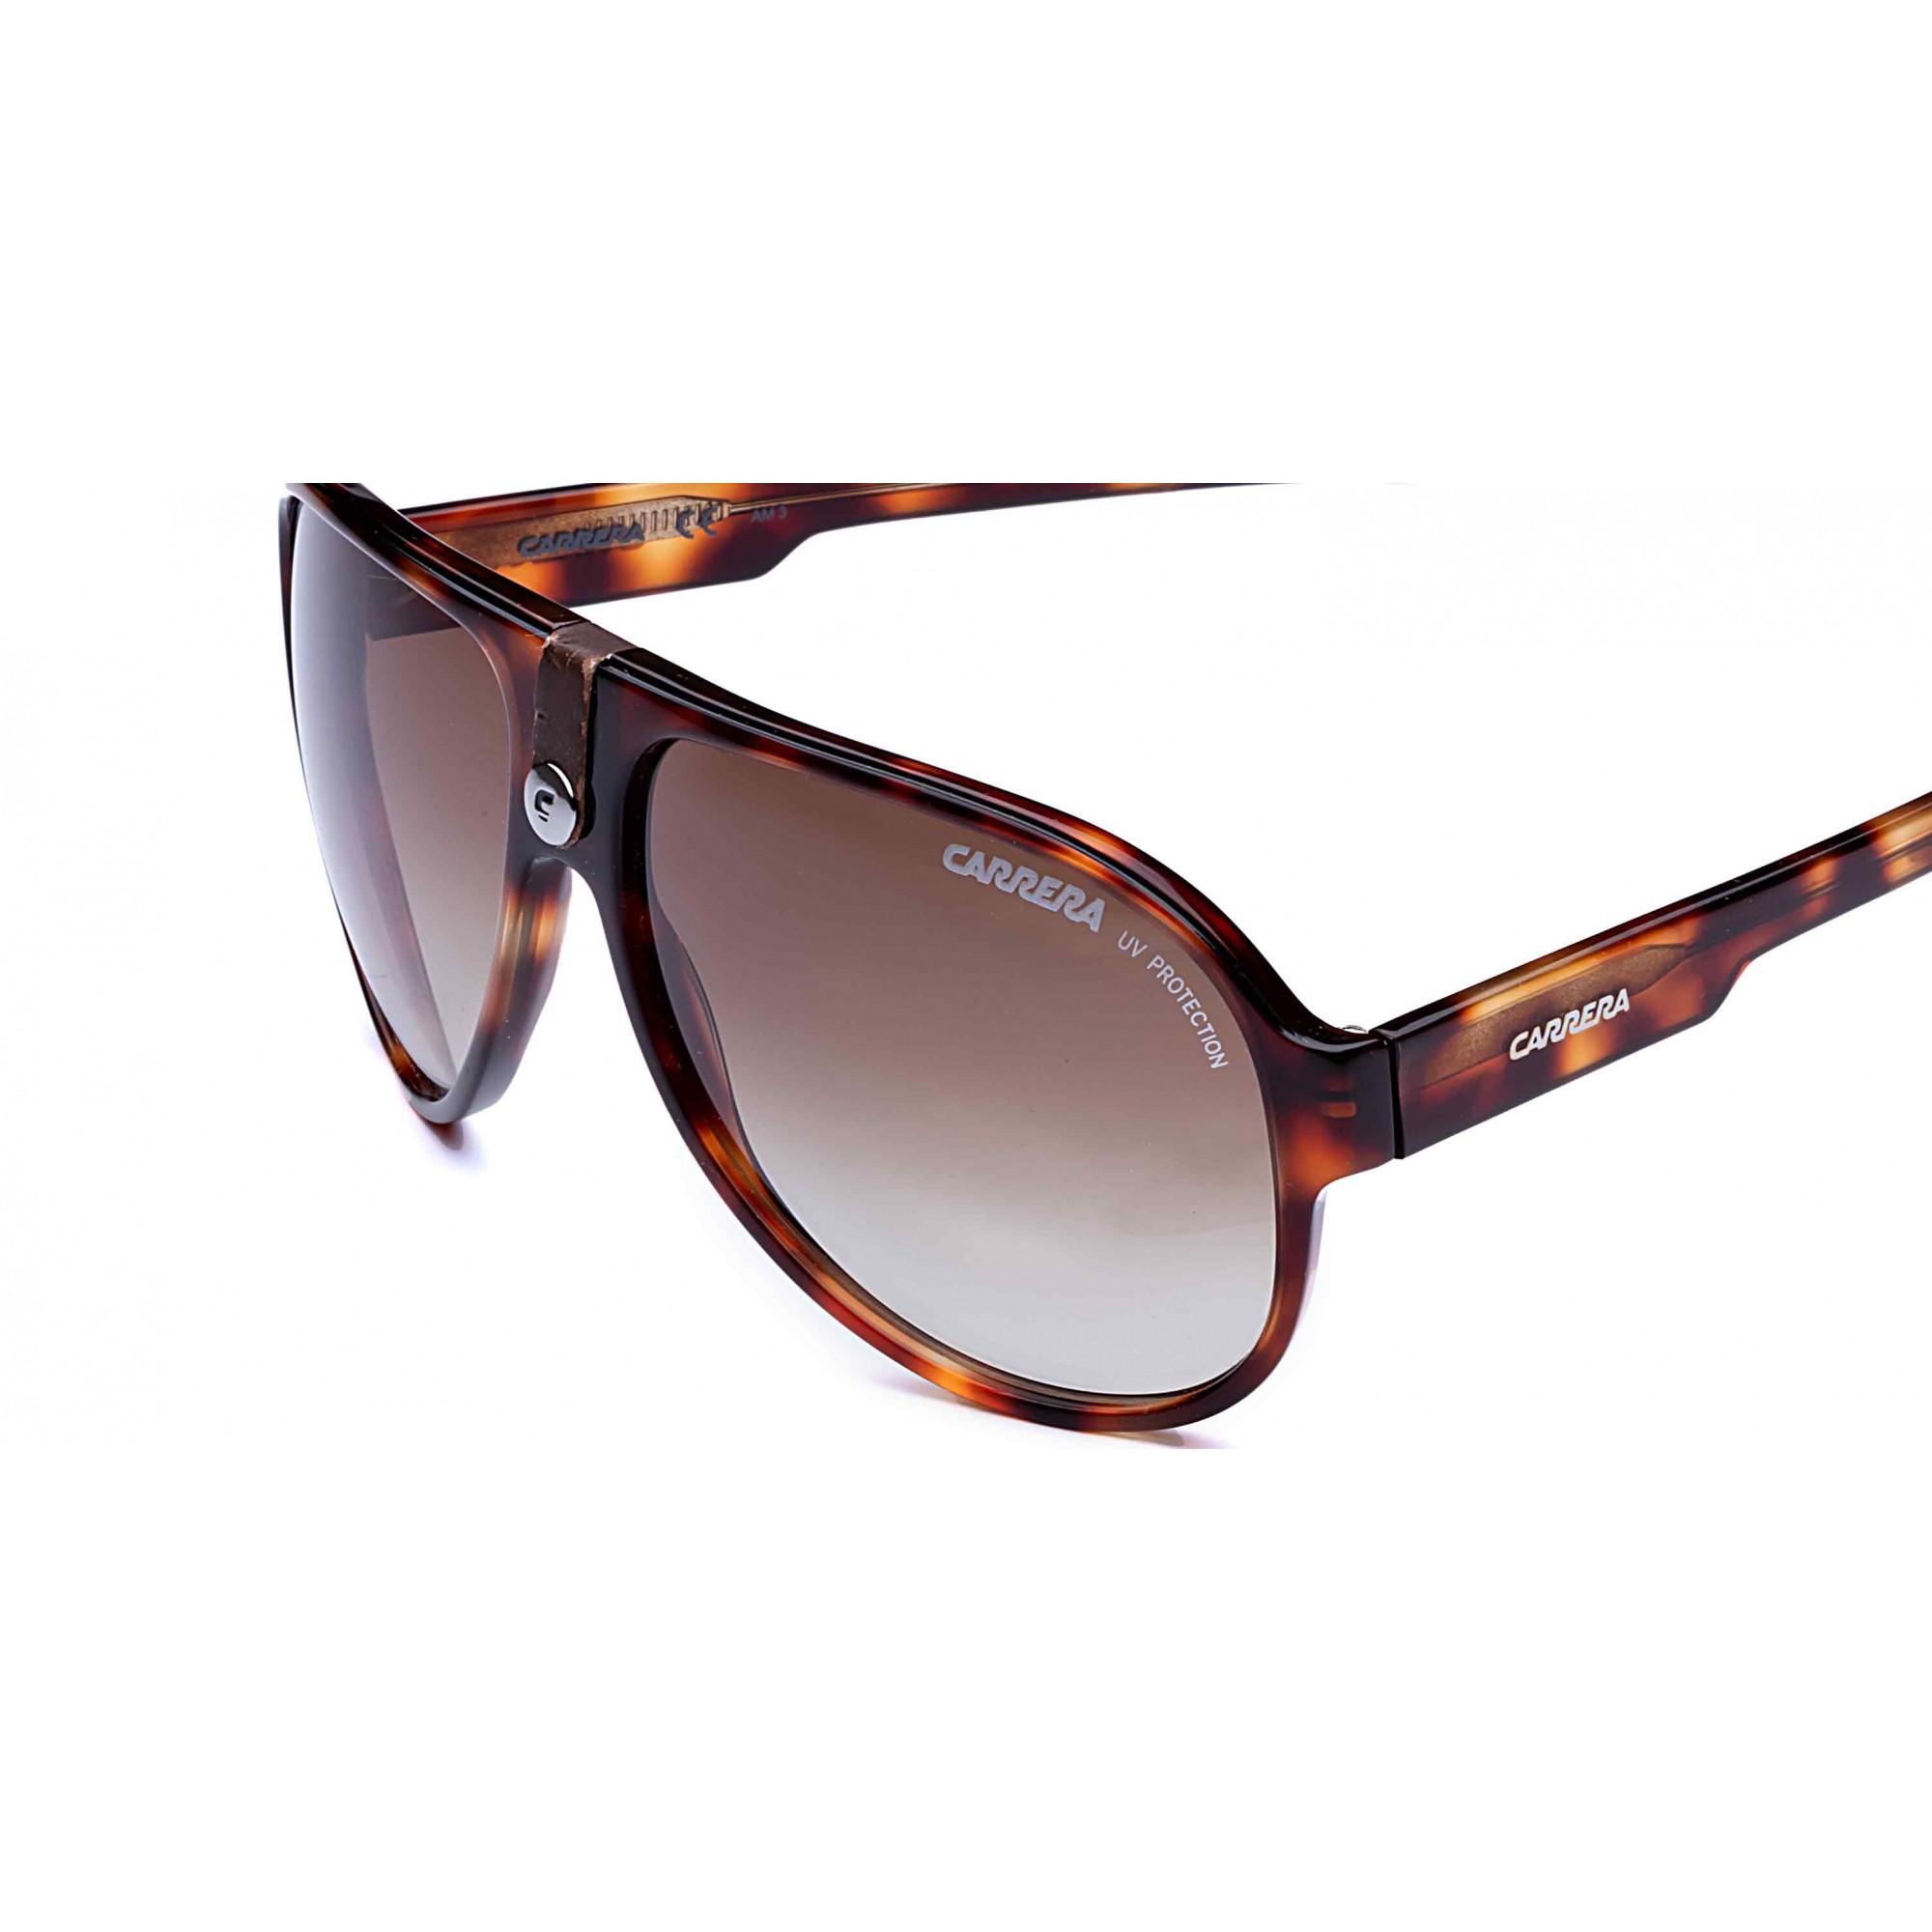 Óculos de Sol WDRSH 32 Carrera - Original